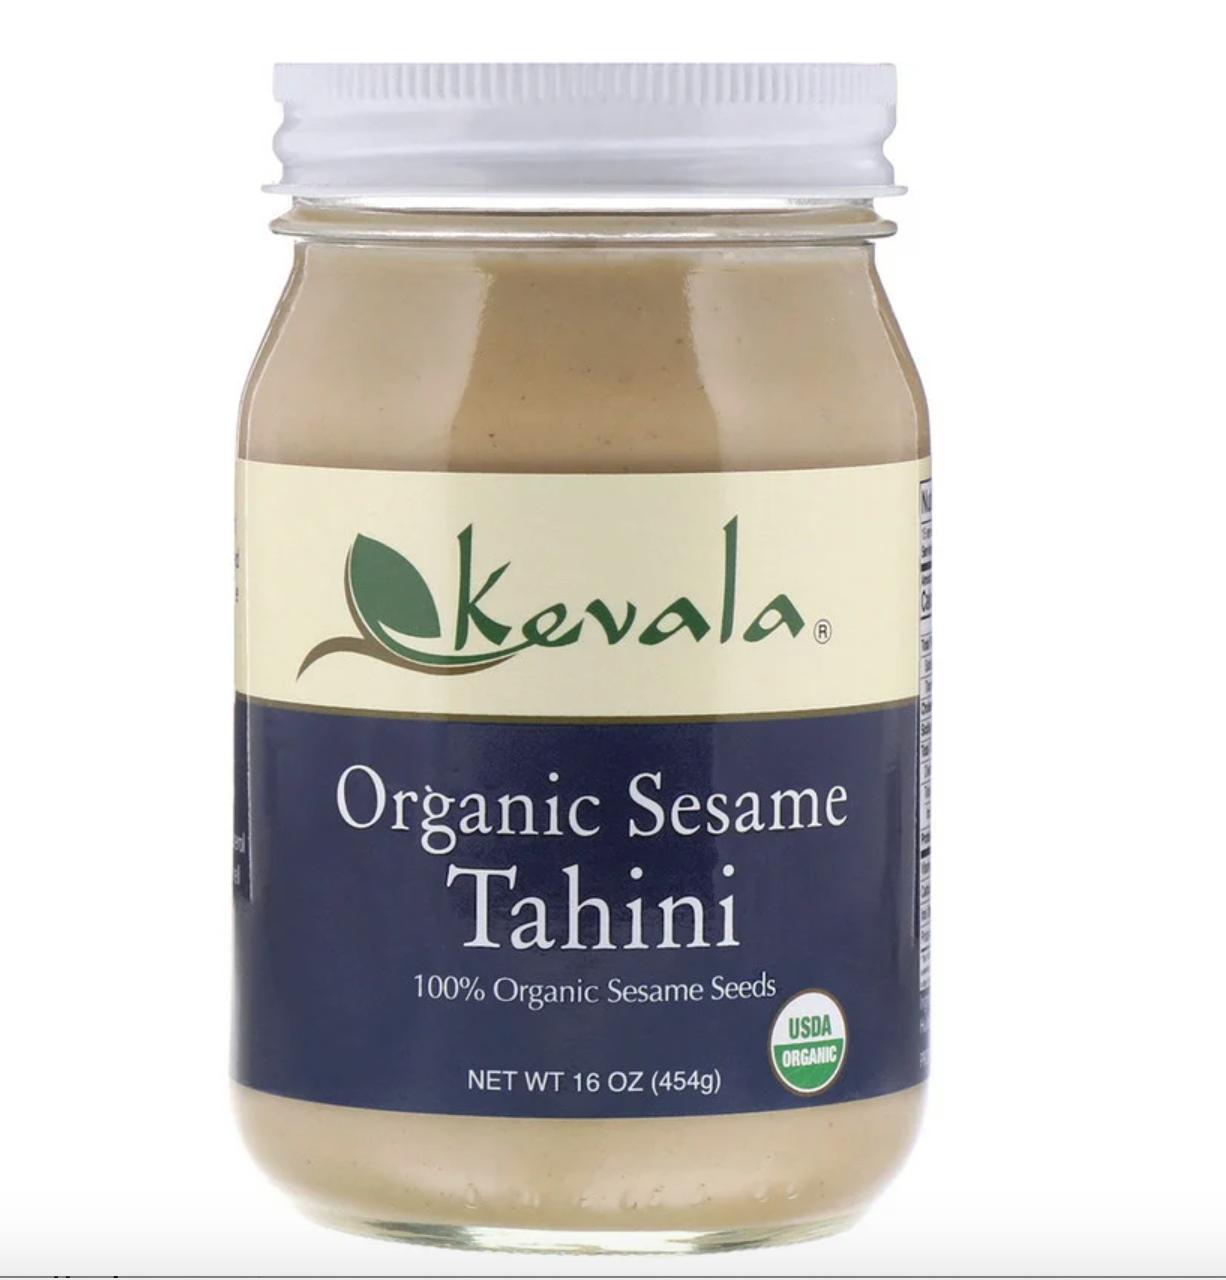 オーガニック タヒニ